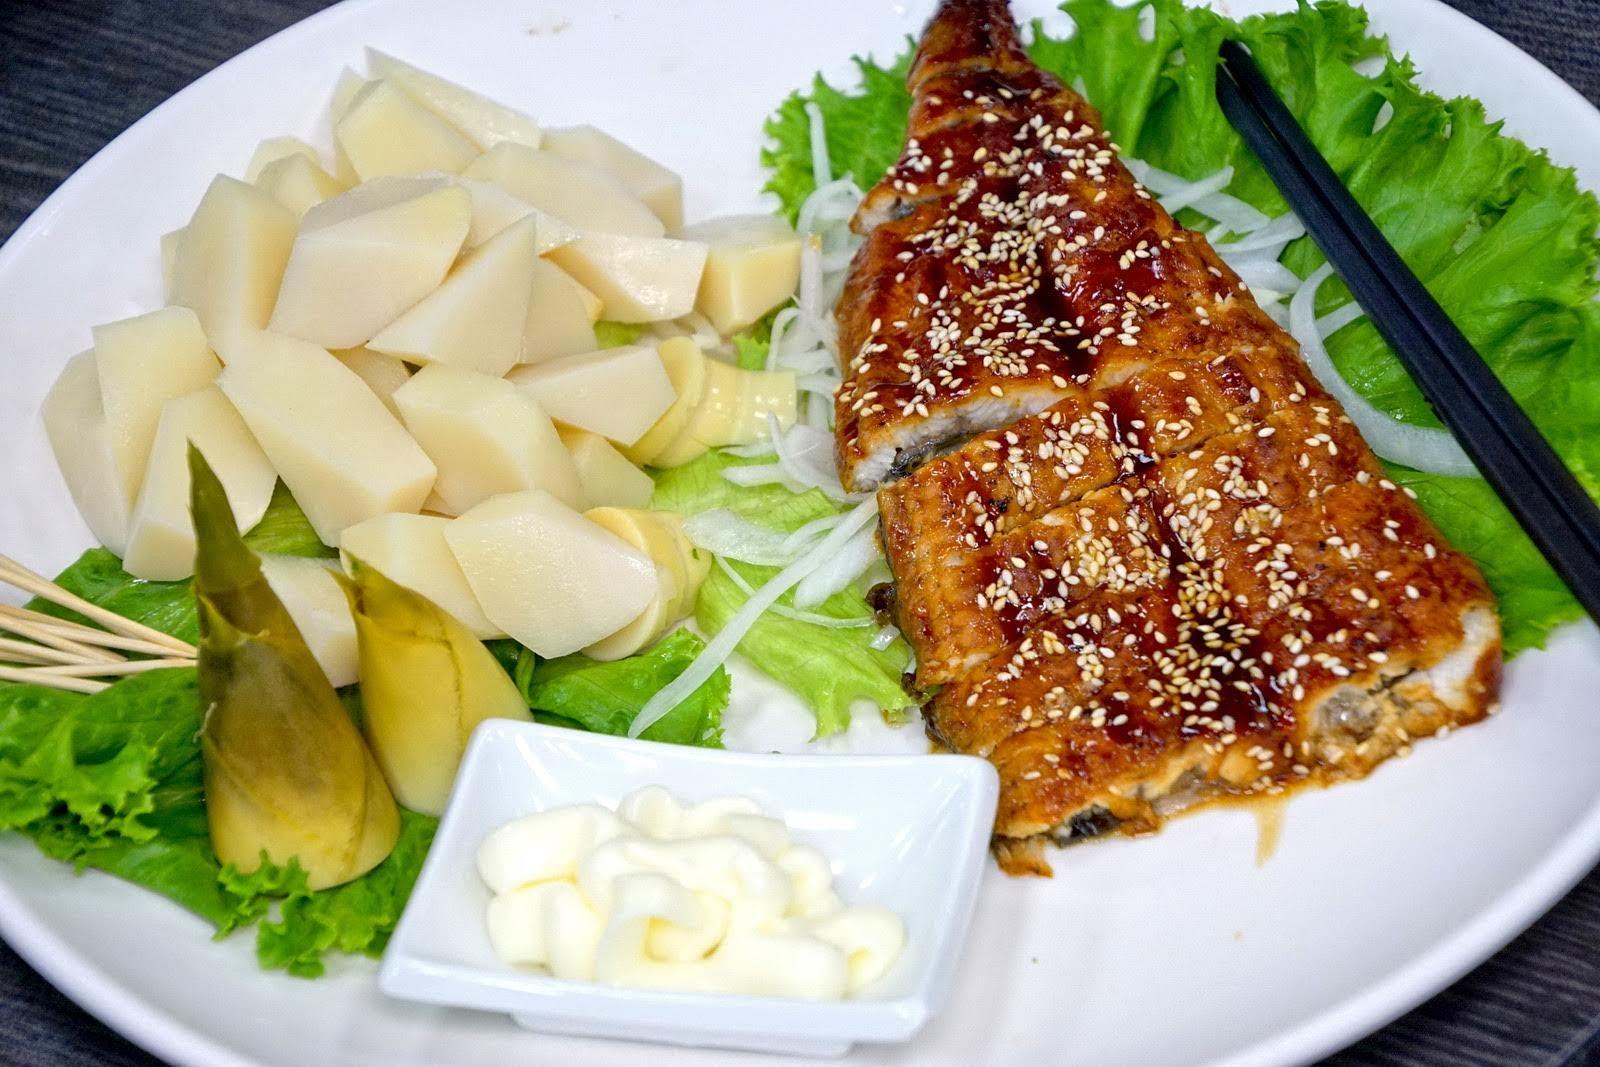 [台南][安平區] 海之味|無菜單台式海鮮辦桌料理|食記